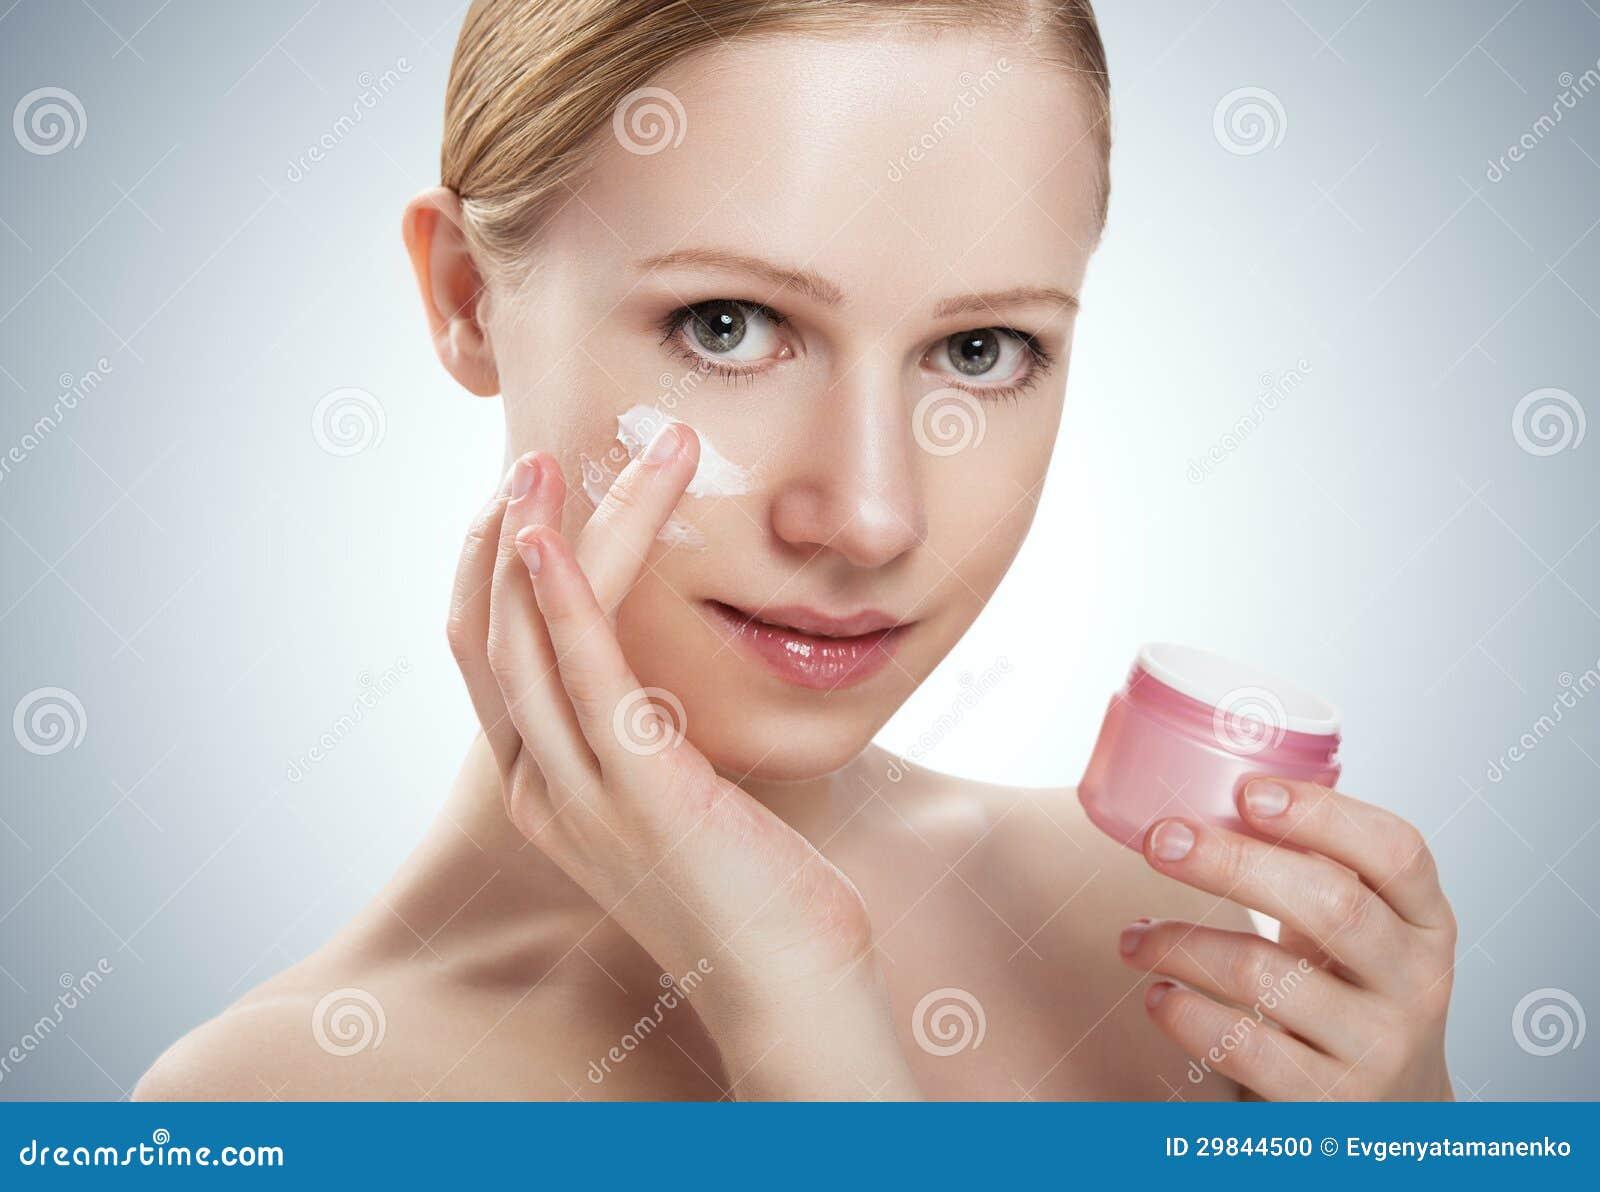 Cuidados com a pele. menina saudável da beleza feliz com o frasco do creme